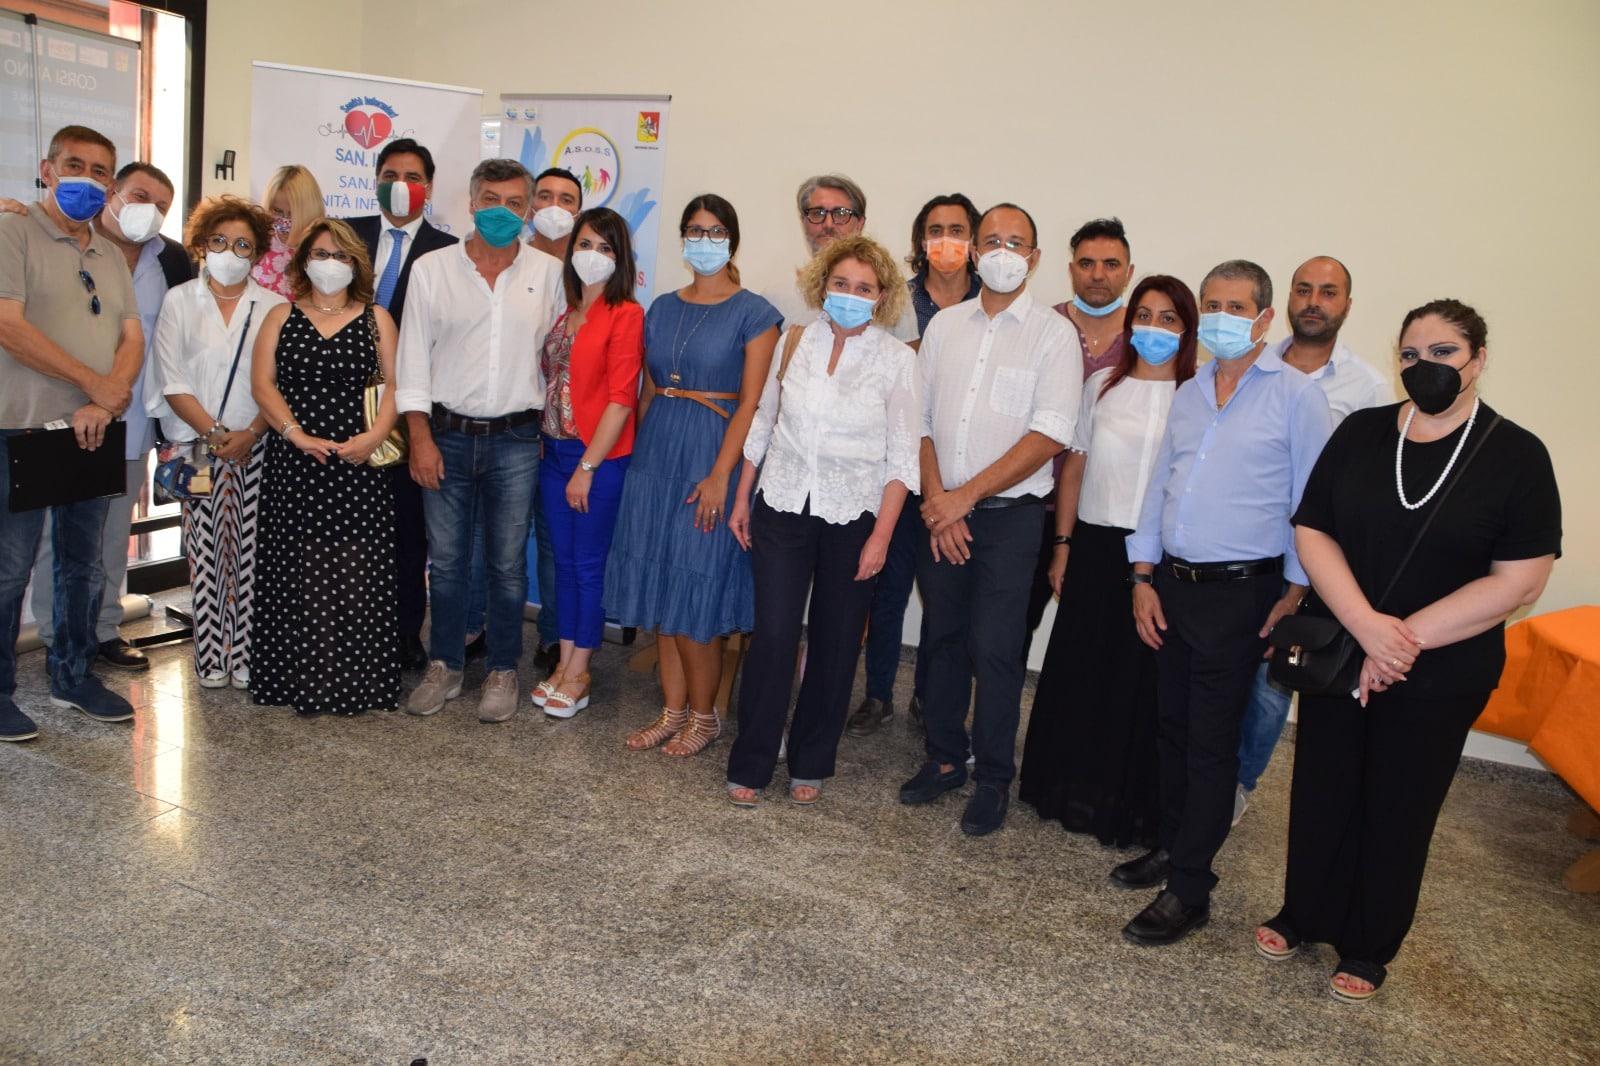 Catania, inaugurata la sede delle associazioni A.S.O.S.S. e la SAN.INF.: ieri il taglio del nastro – VIDEO